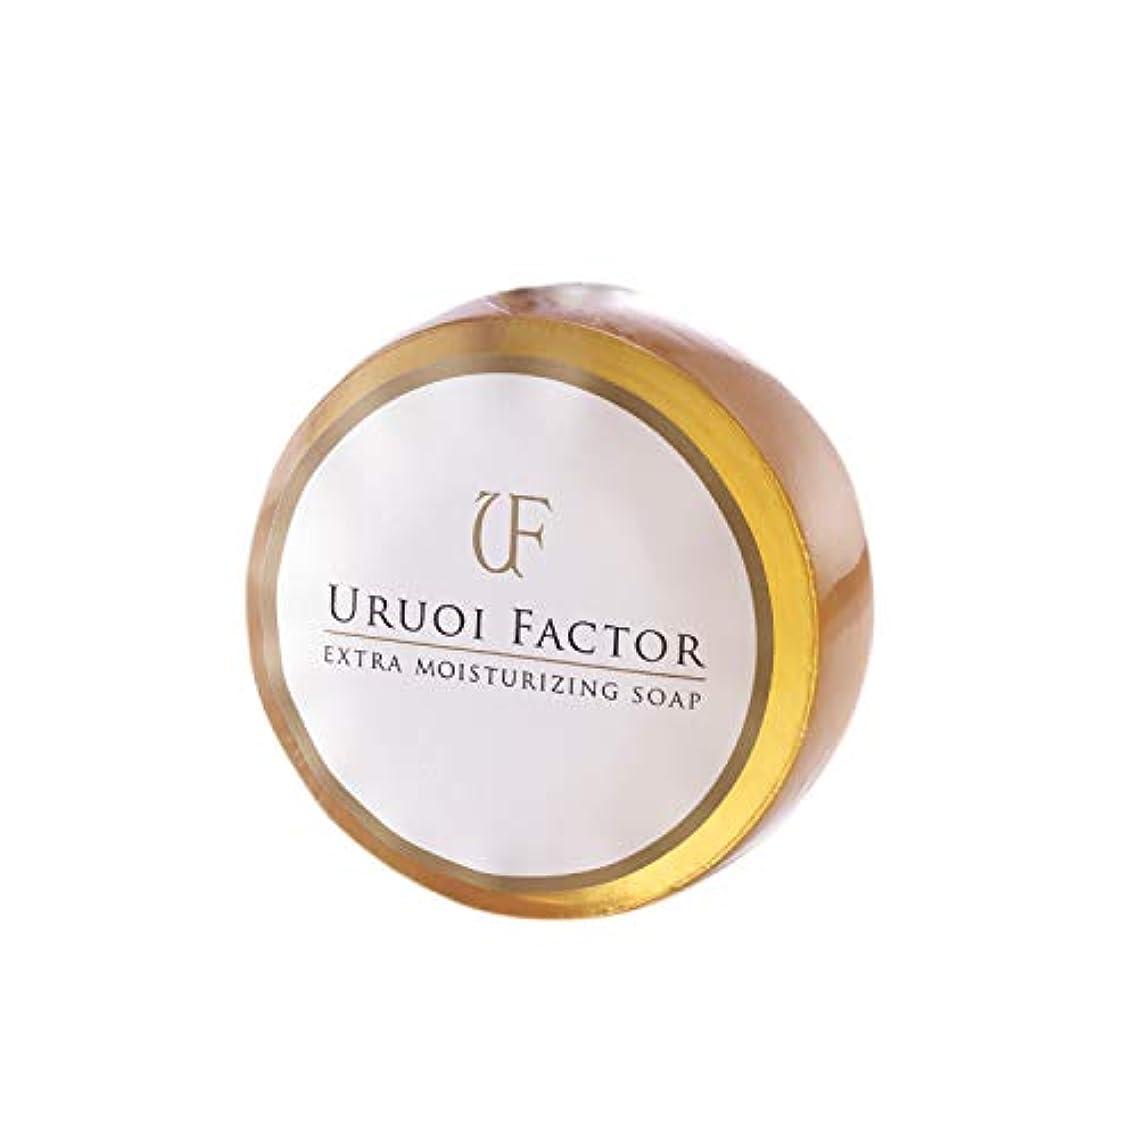 リーフレット売上高自動化URUOI FACTOR(うるおいファクター) UFソープ フルボ酸 スクワラン配合 無添加洗顔石鹸(弱アルカリ性) 100g